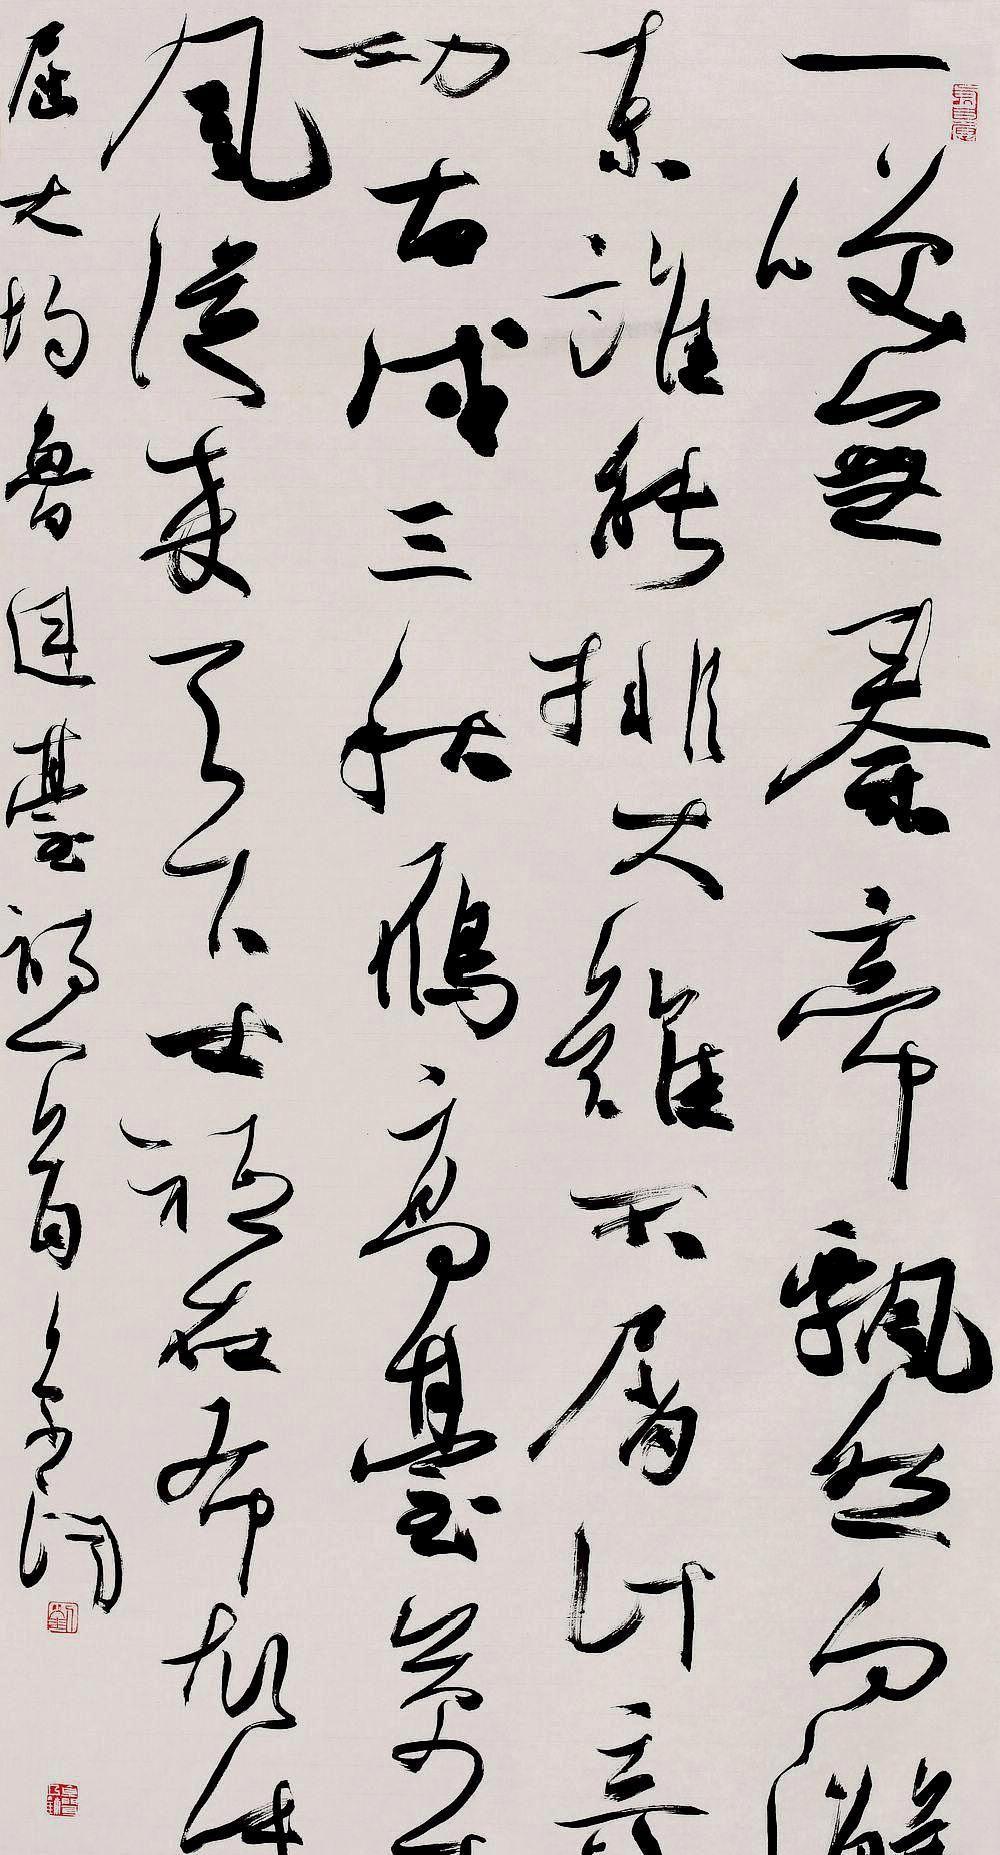 中国书协刘京闻书法别具一格,是延续晋唐书风的代表人物!